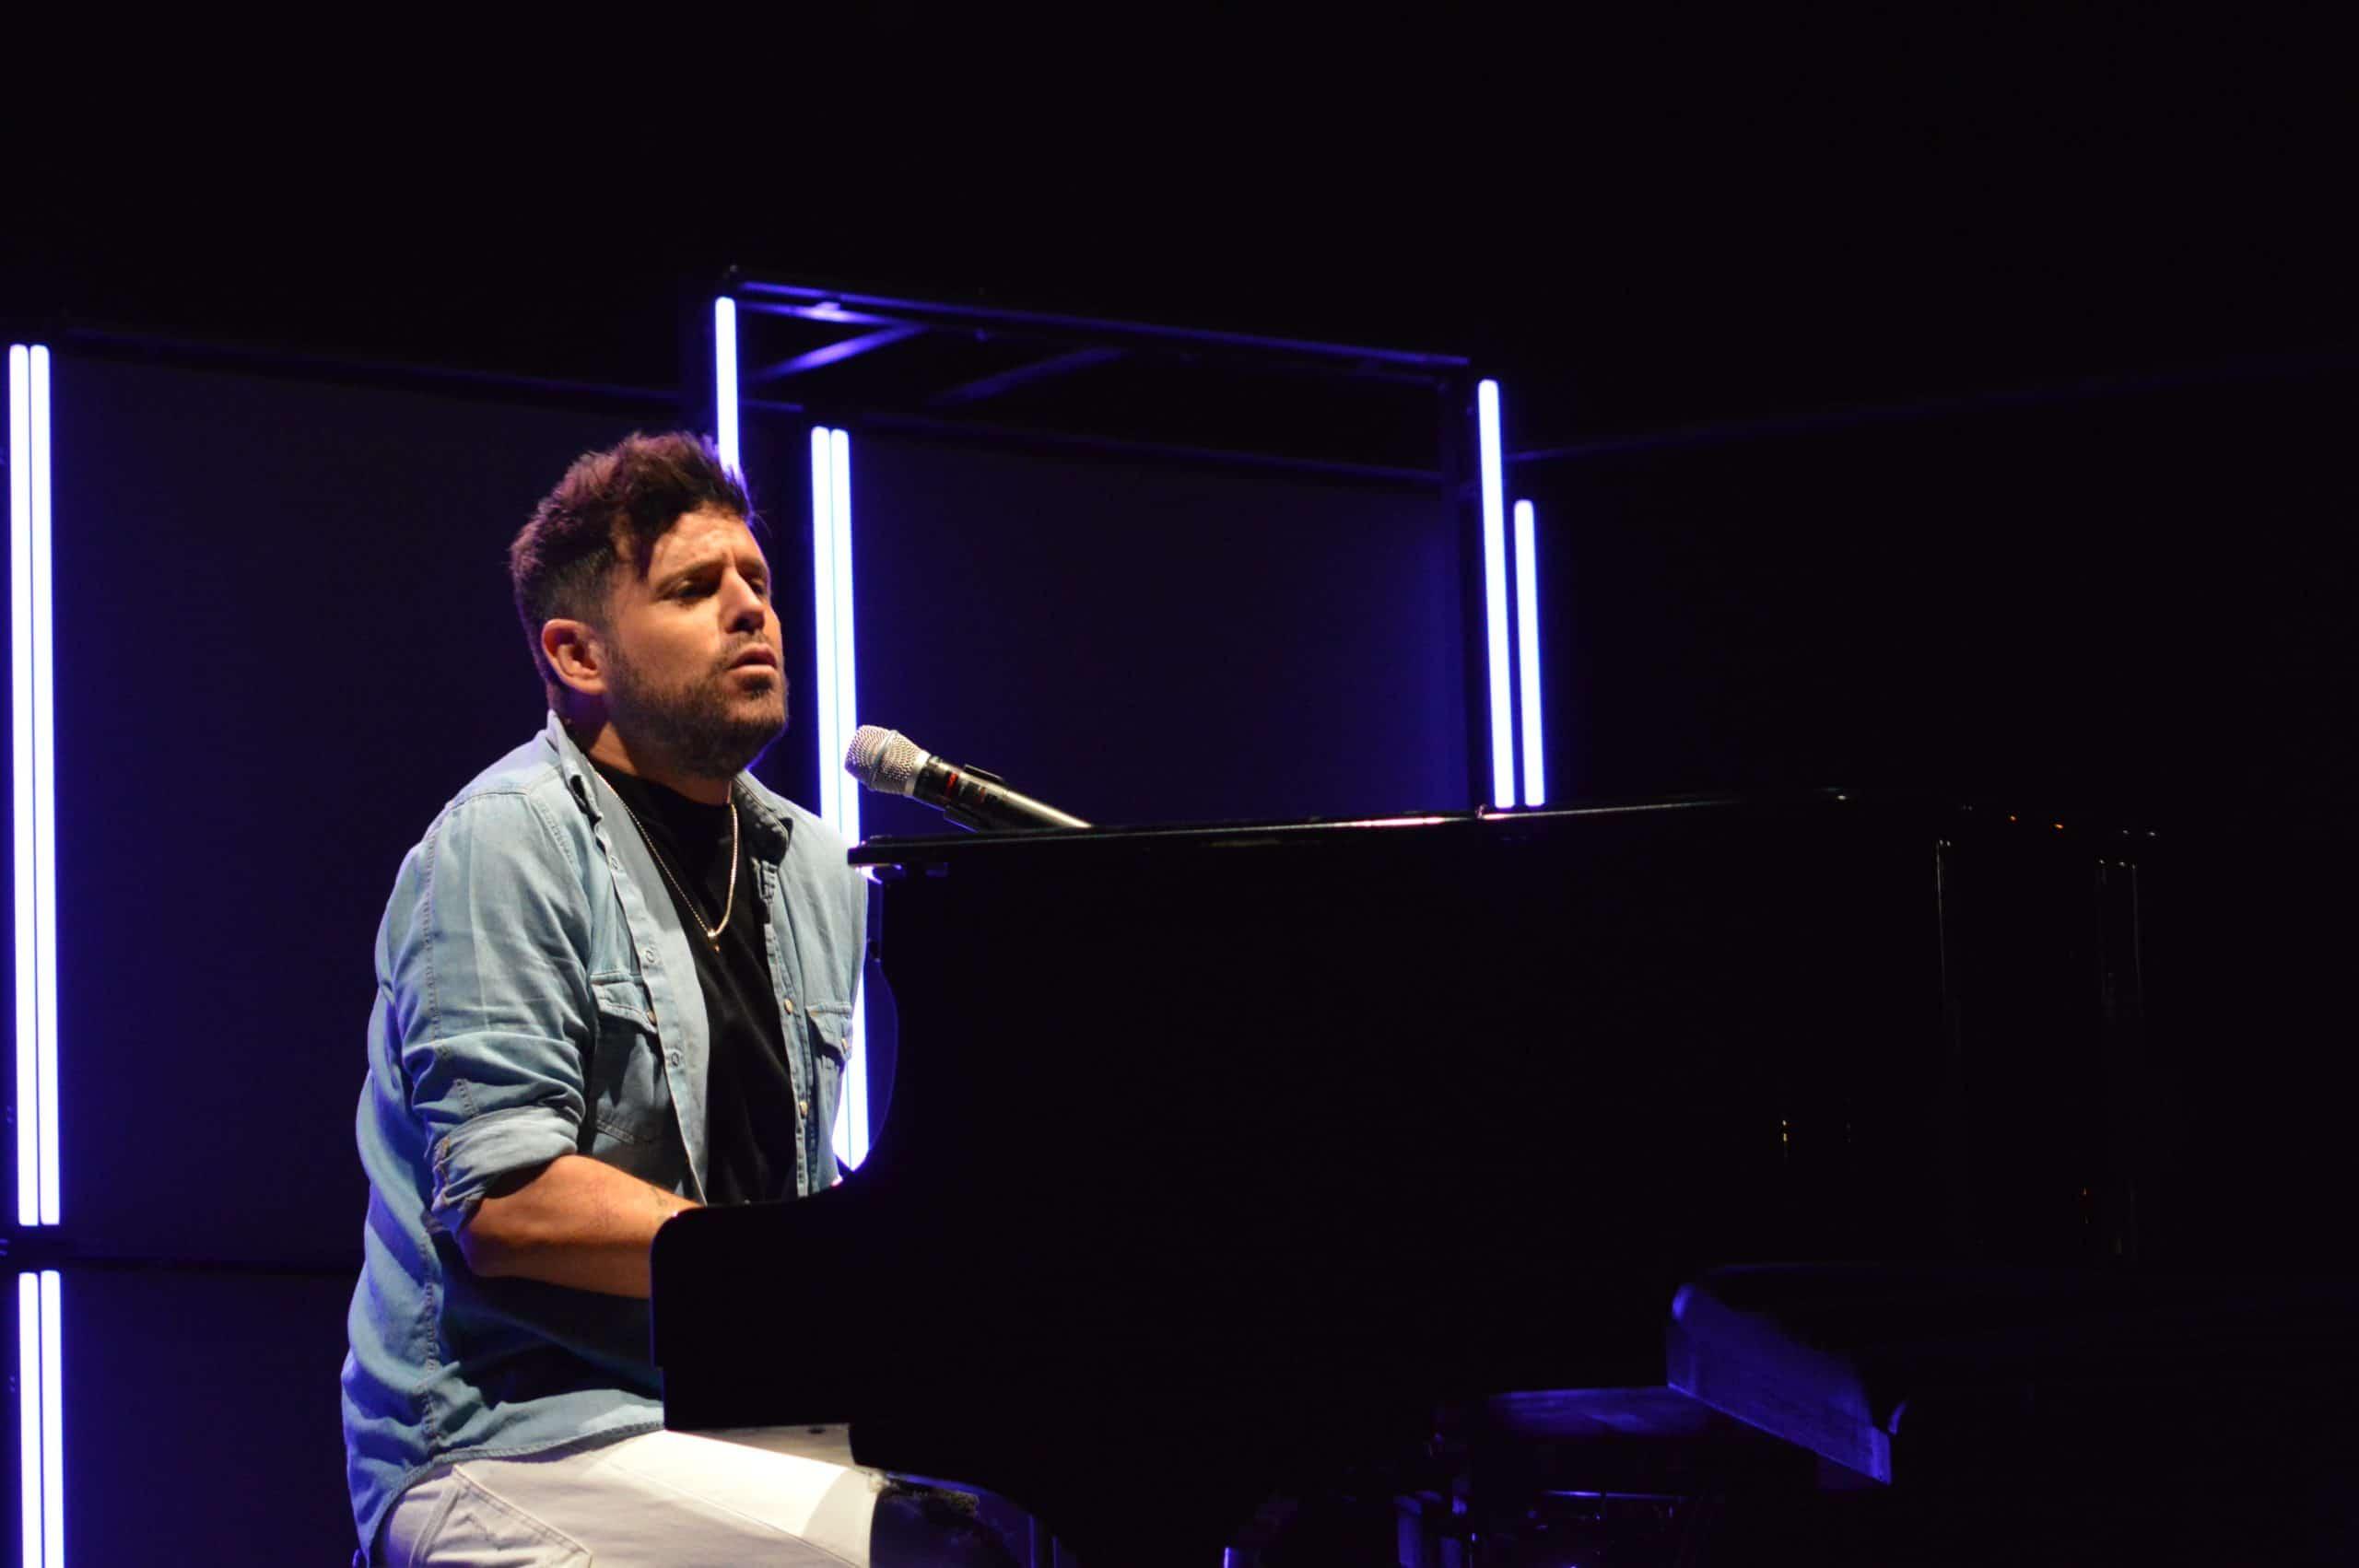 La gira 'López, piano y voz' de Pablo López pone el broche final a las fiestas de la Encina que nunca hubiéramos querido vivir 32